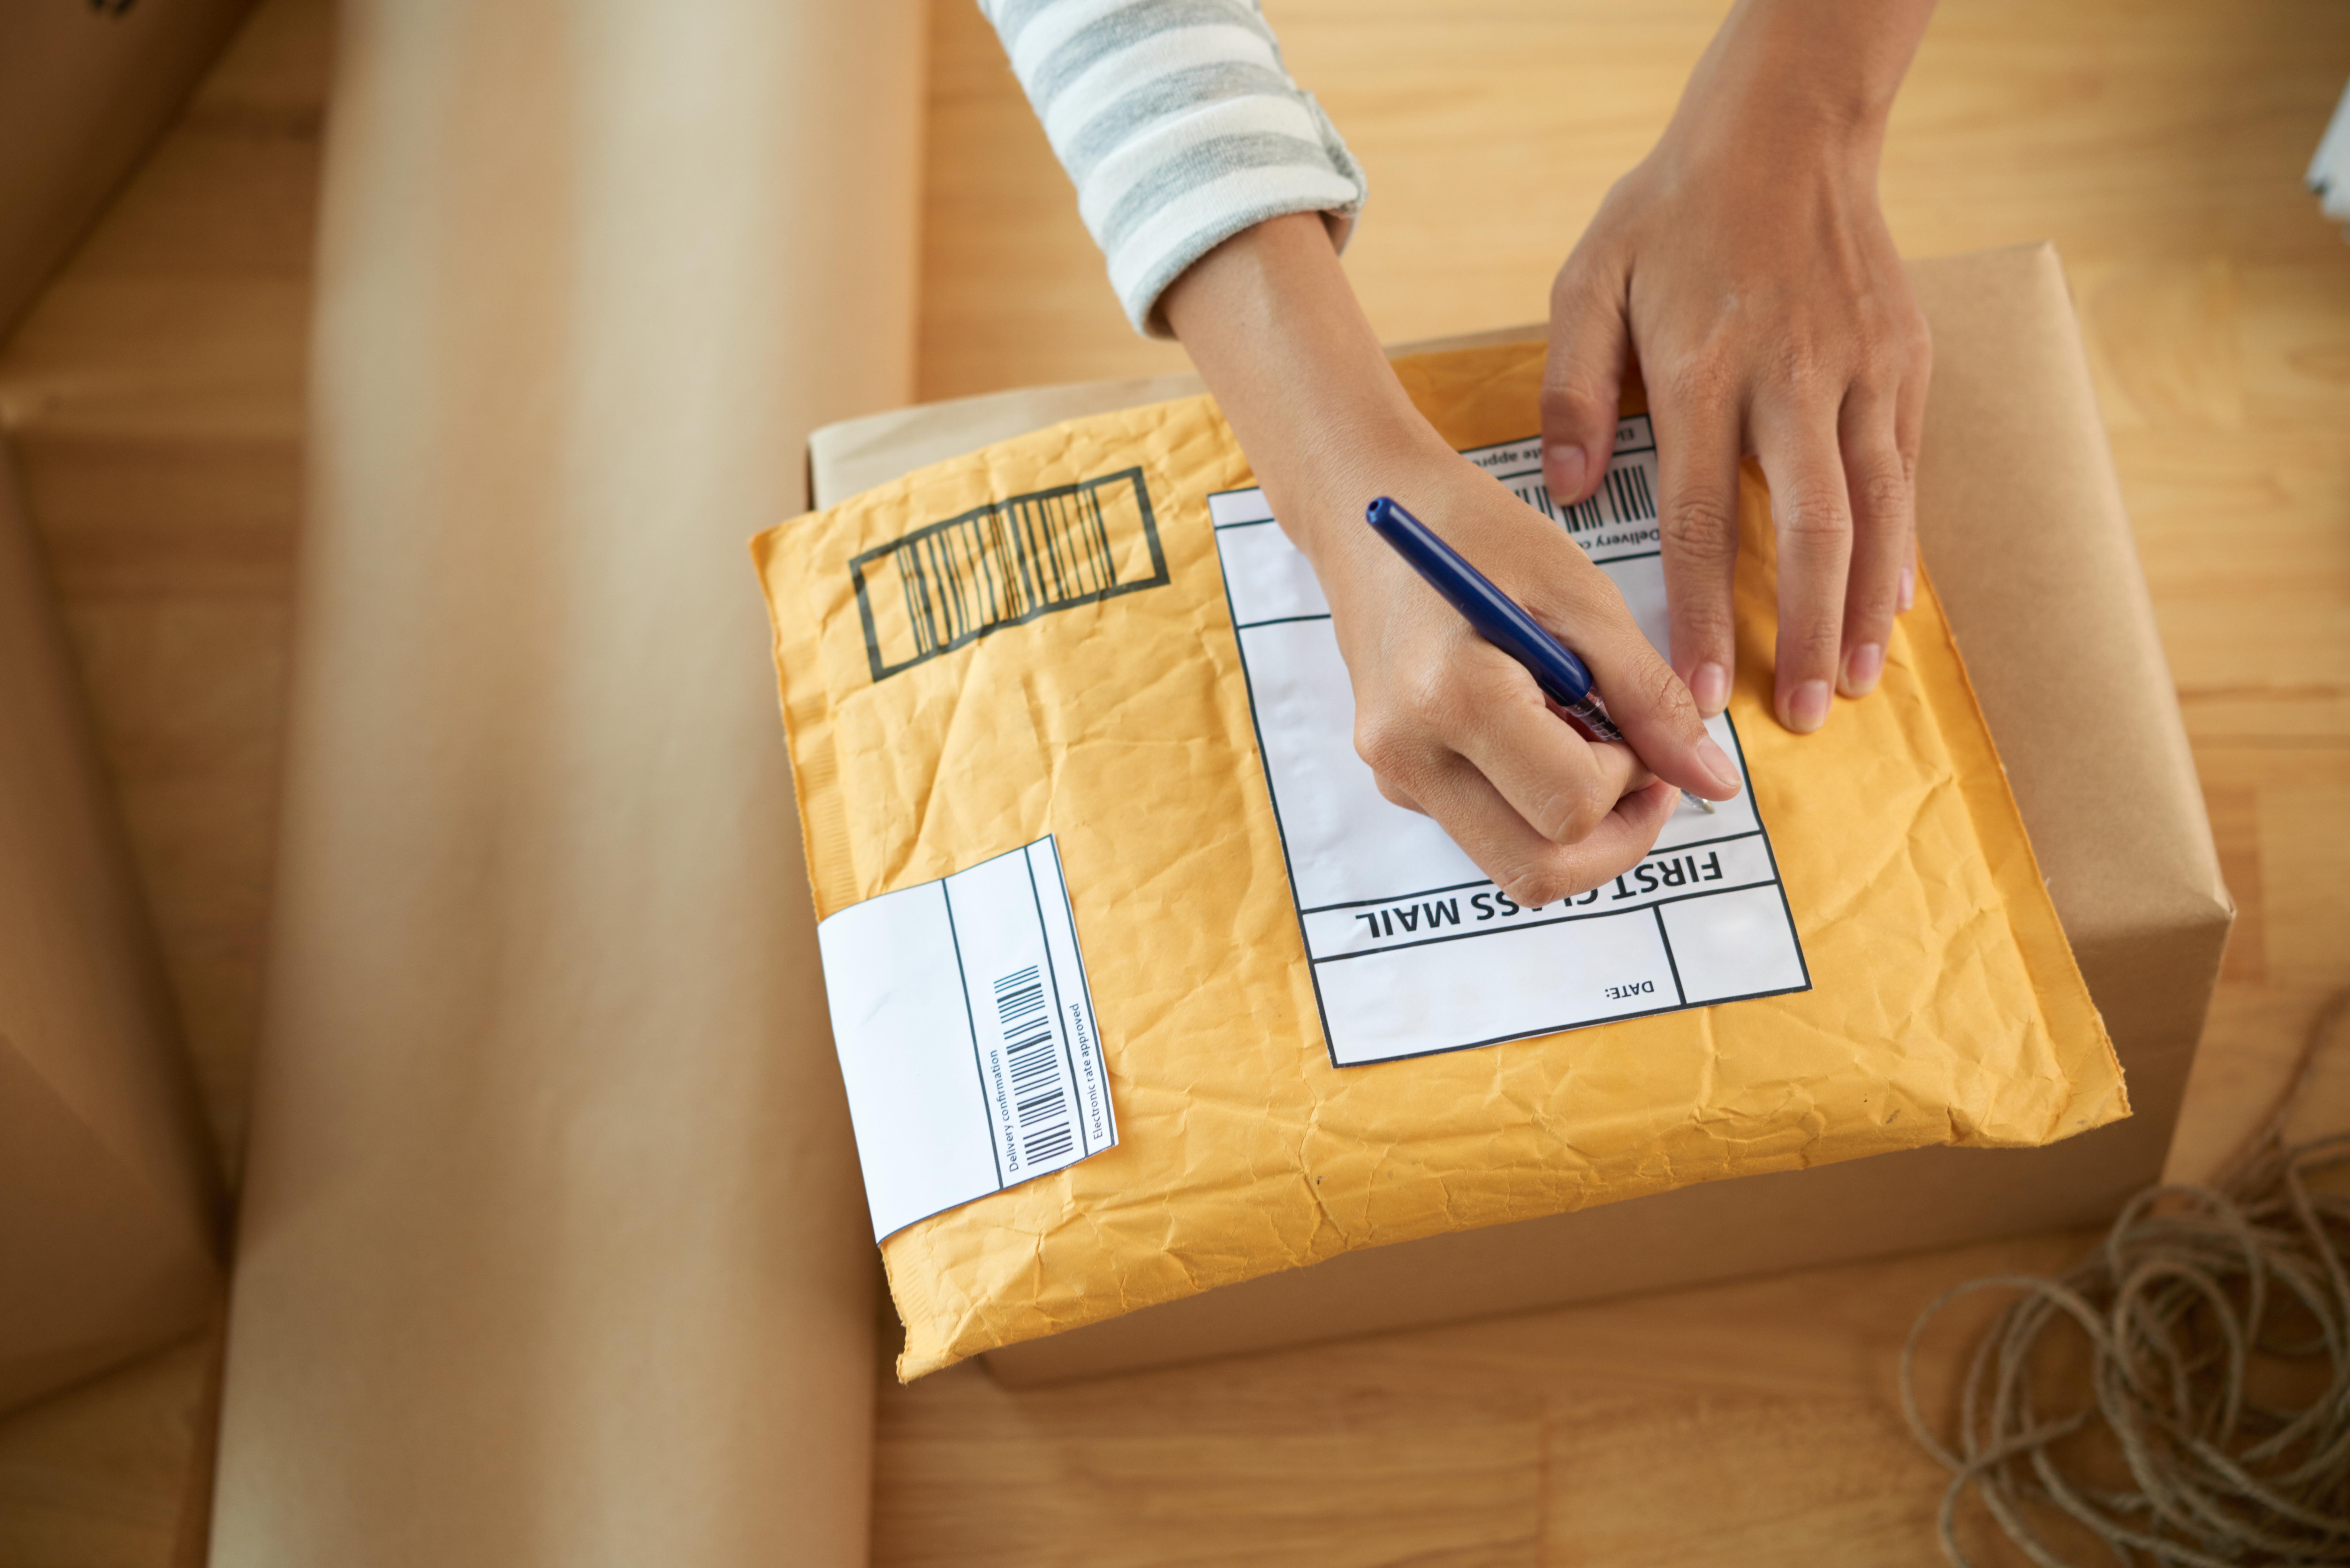 Självtestet består av en bomullspinne, ett förslutbart provrör, ett vadderat kuvert och instruktioner för hur du ska gå tillväga.